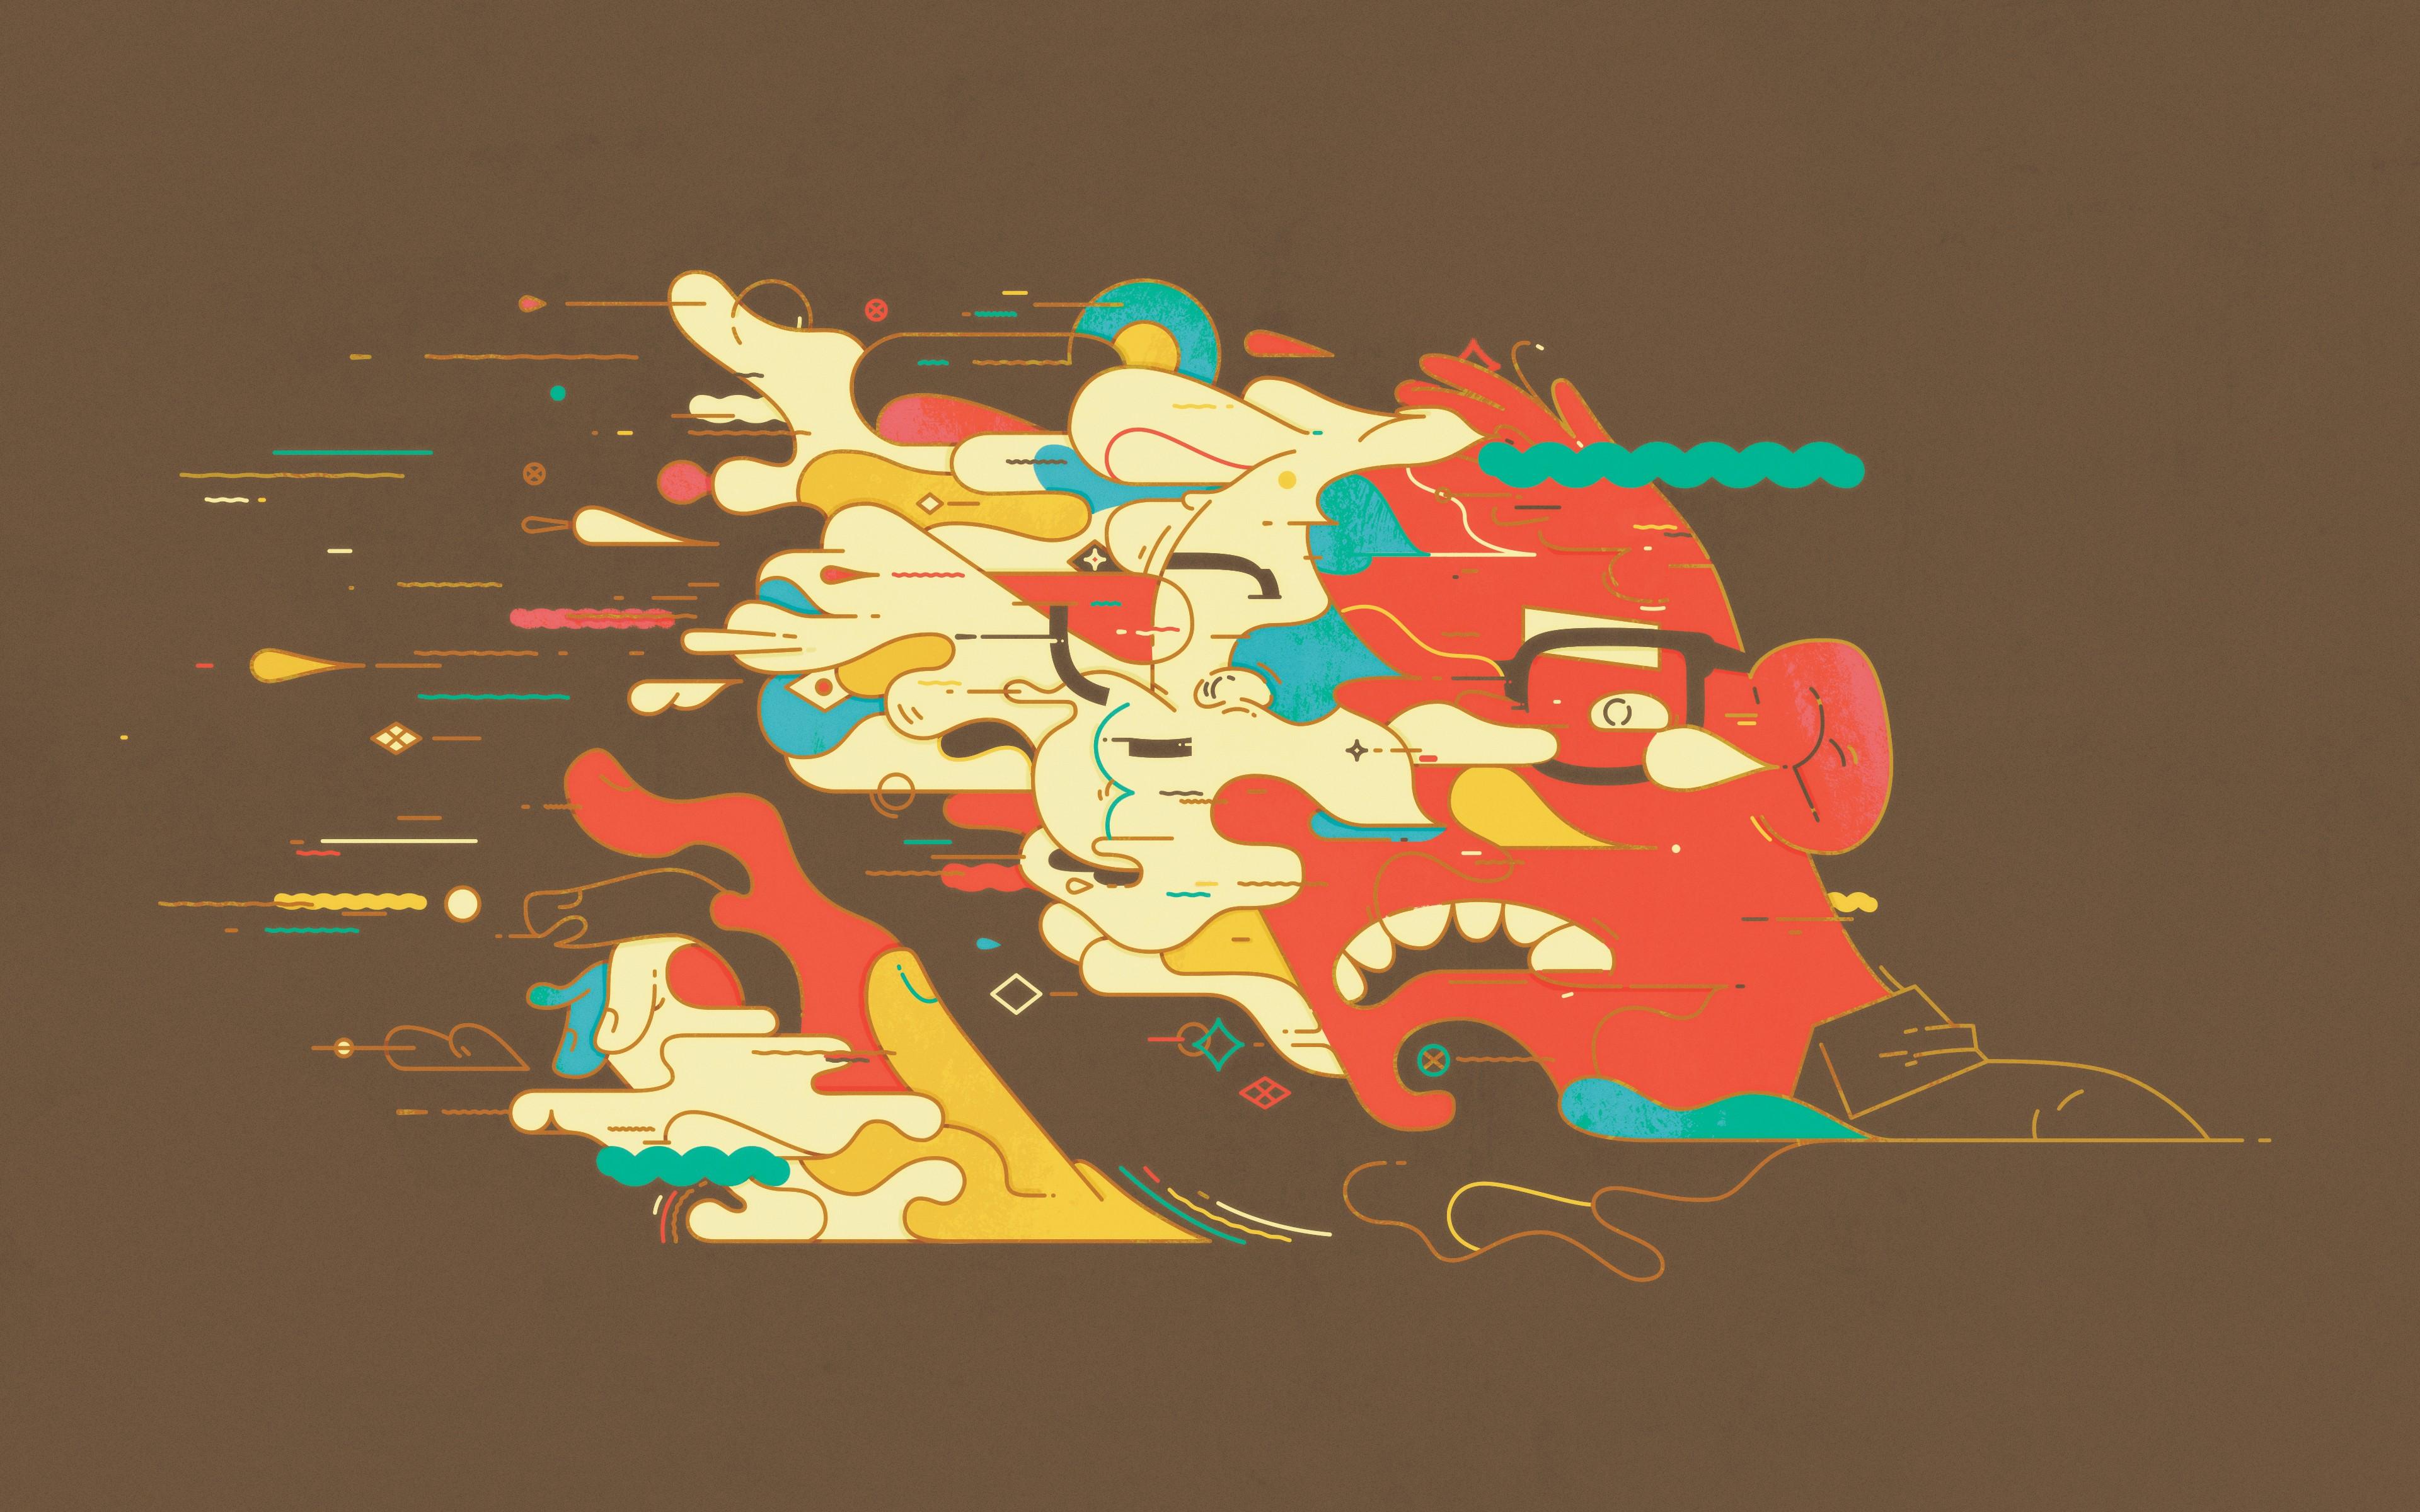 Fondos de pantalla cara ilustraci n abstracto dibujos - Graphic design desktop wallpaper hd ...